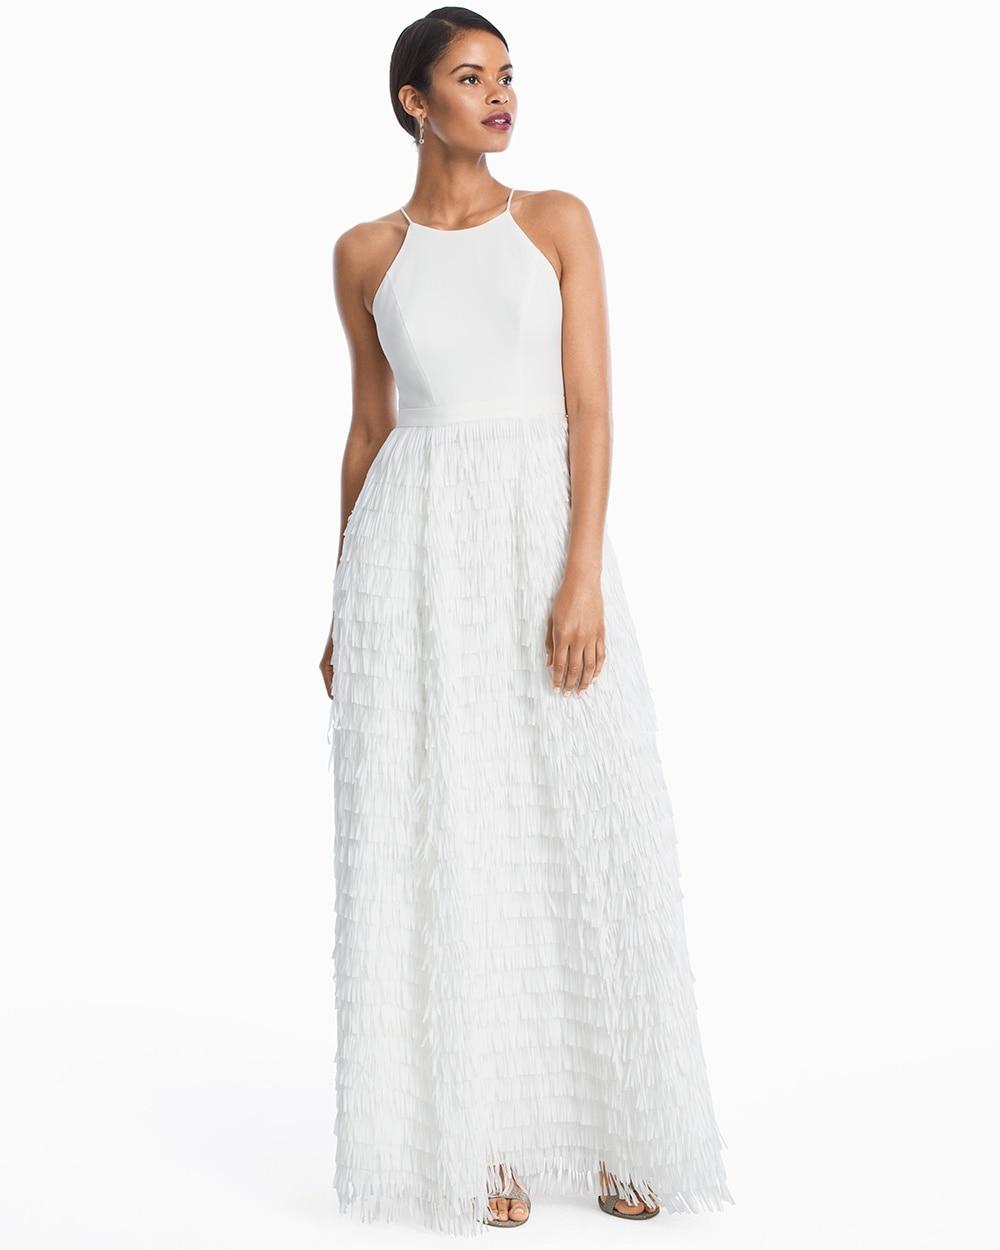 White Halter Fringe Skirt Gown - White House Black Market